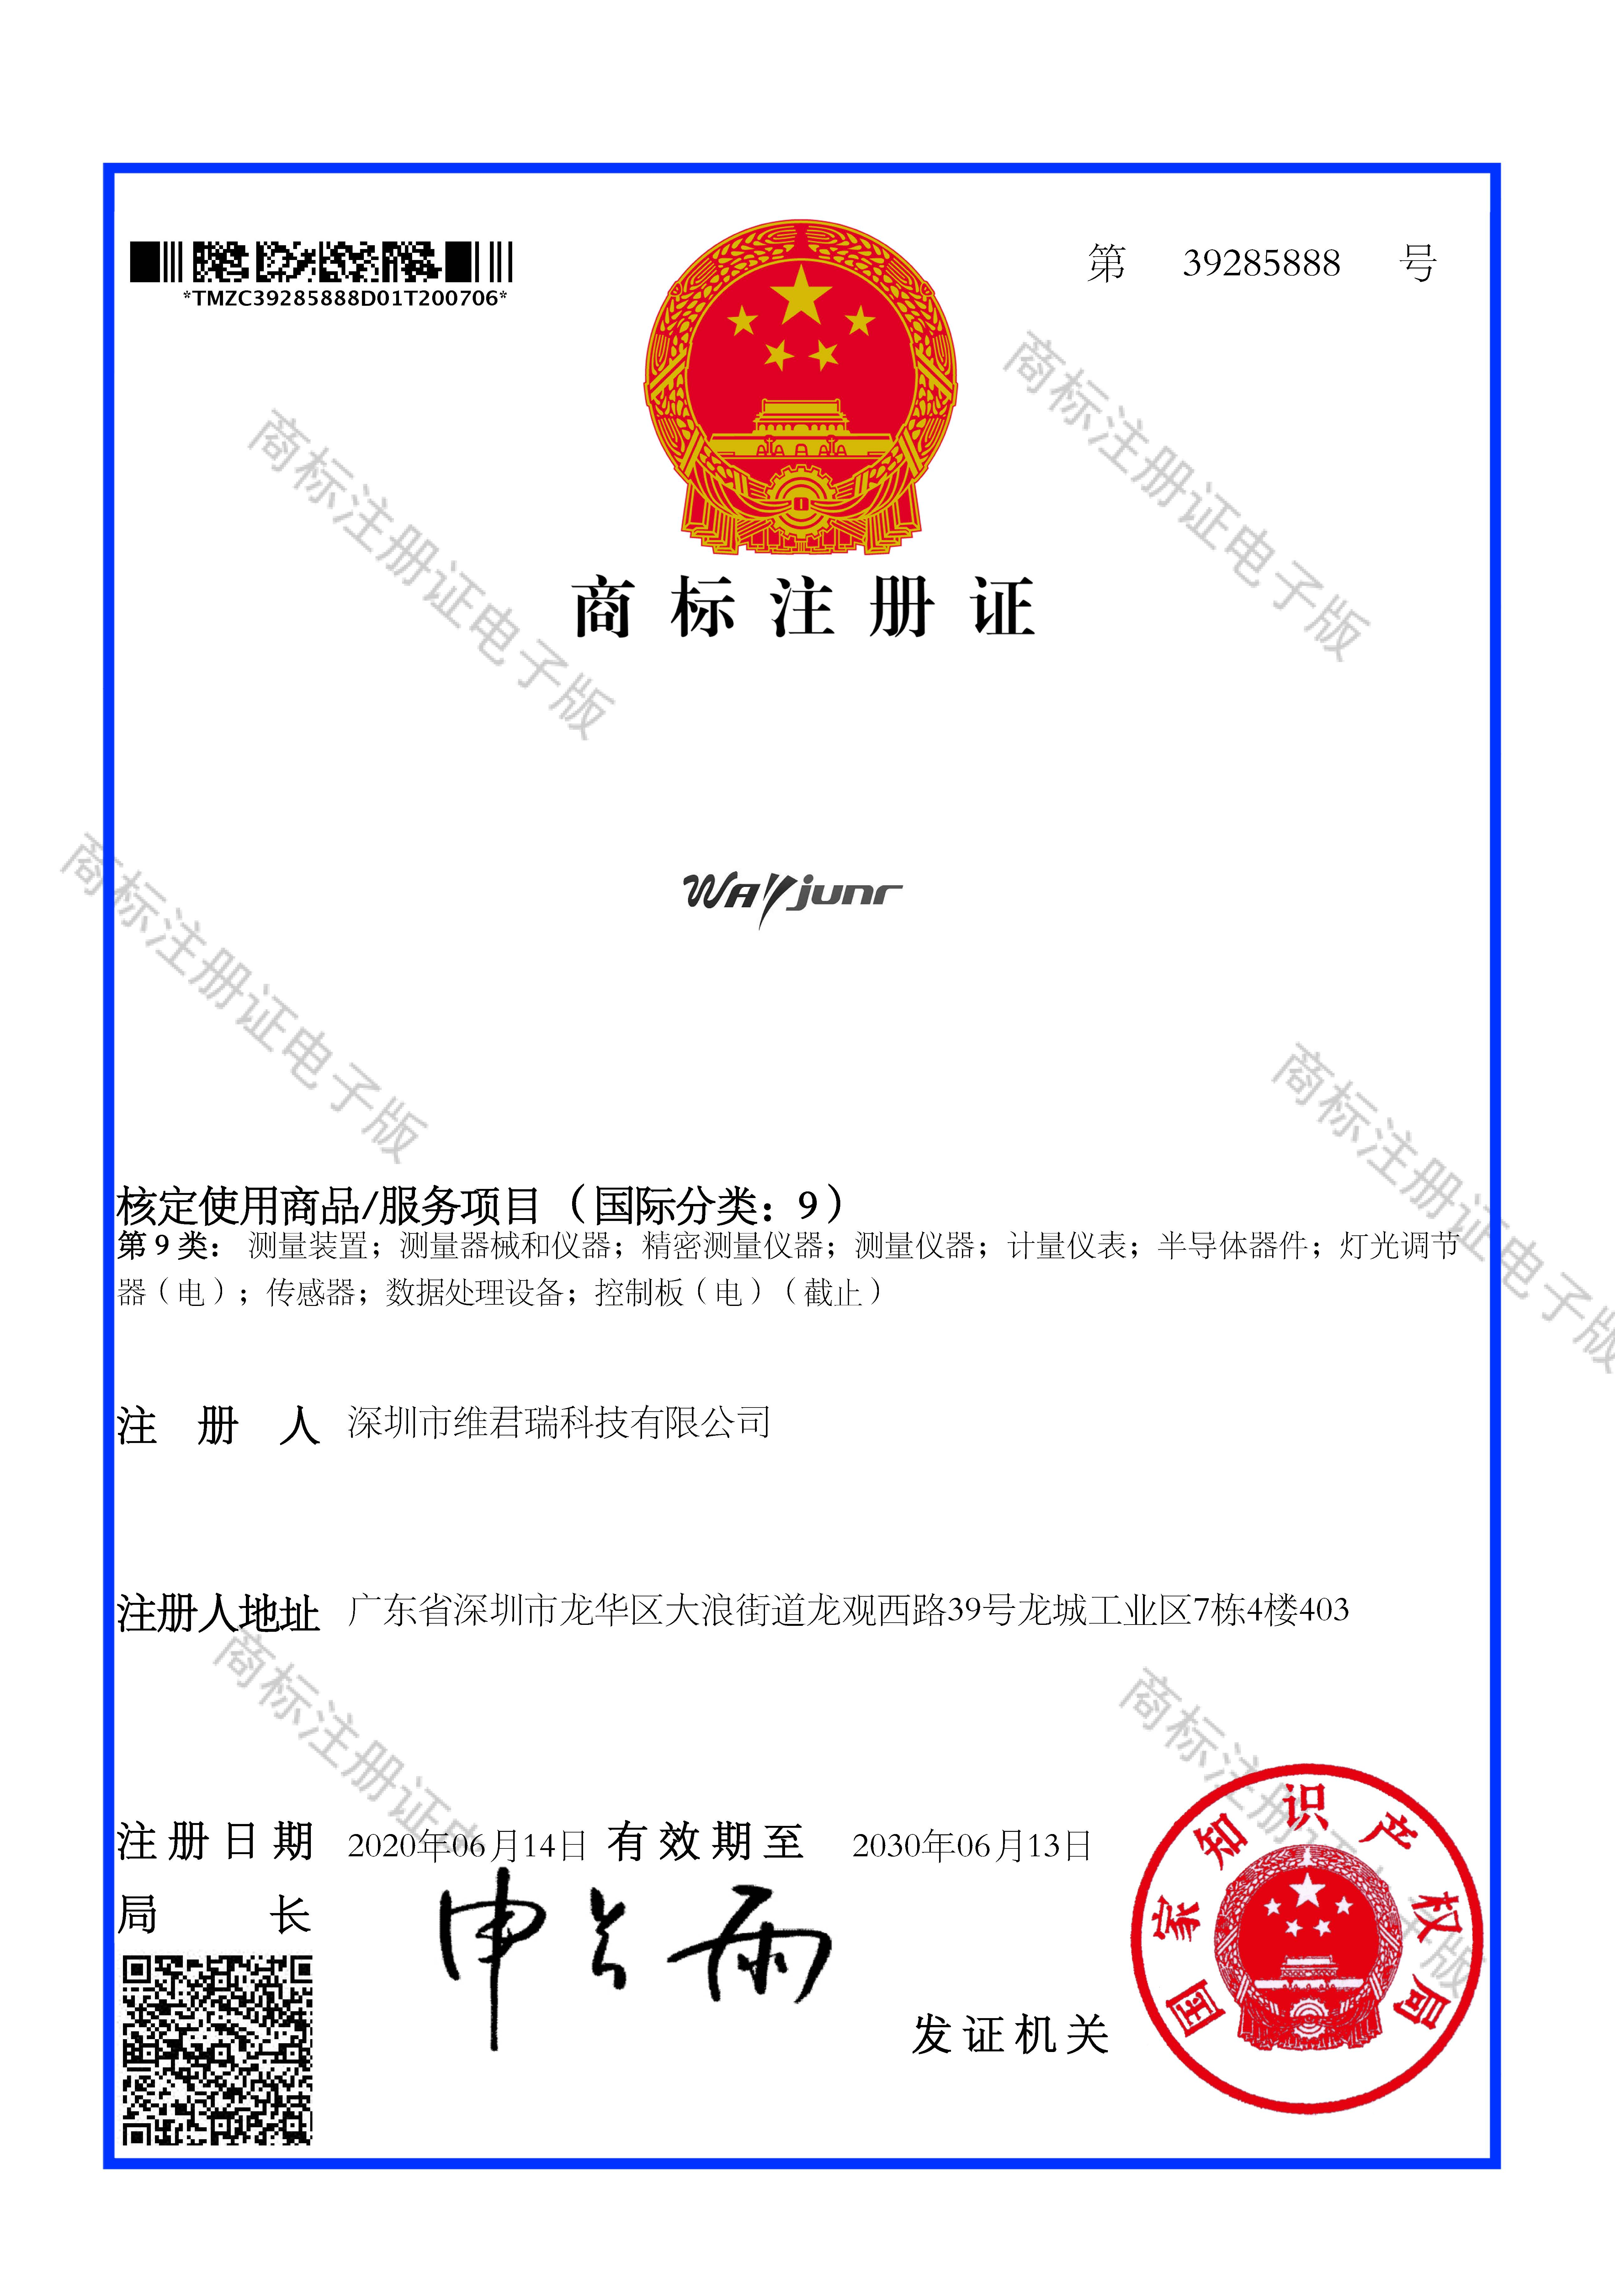 维君瑞最新注册商标WAYJUNR